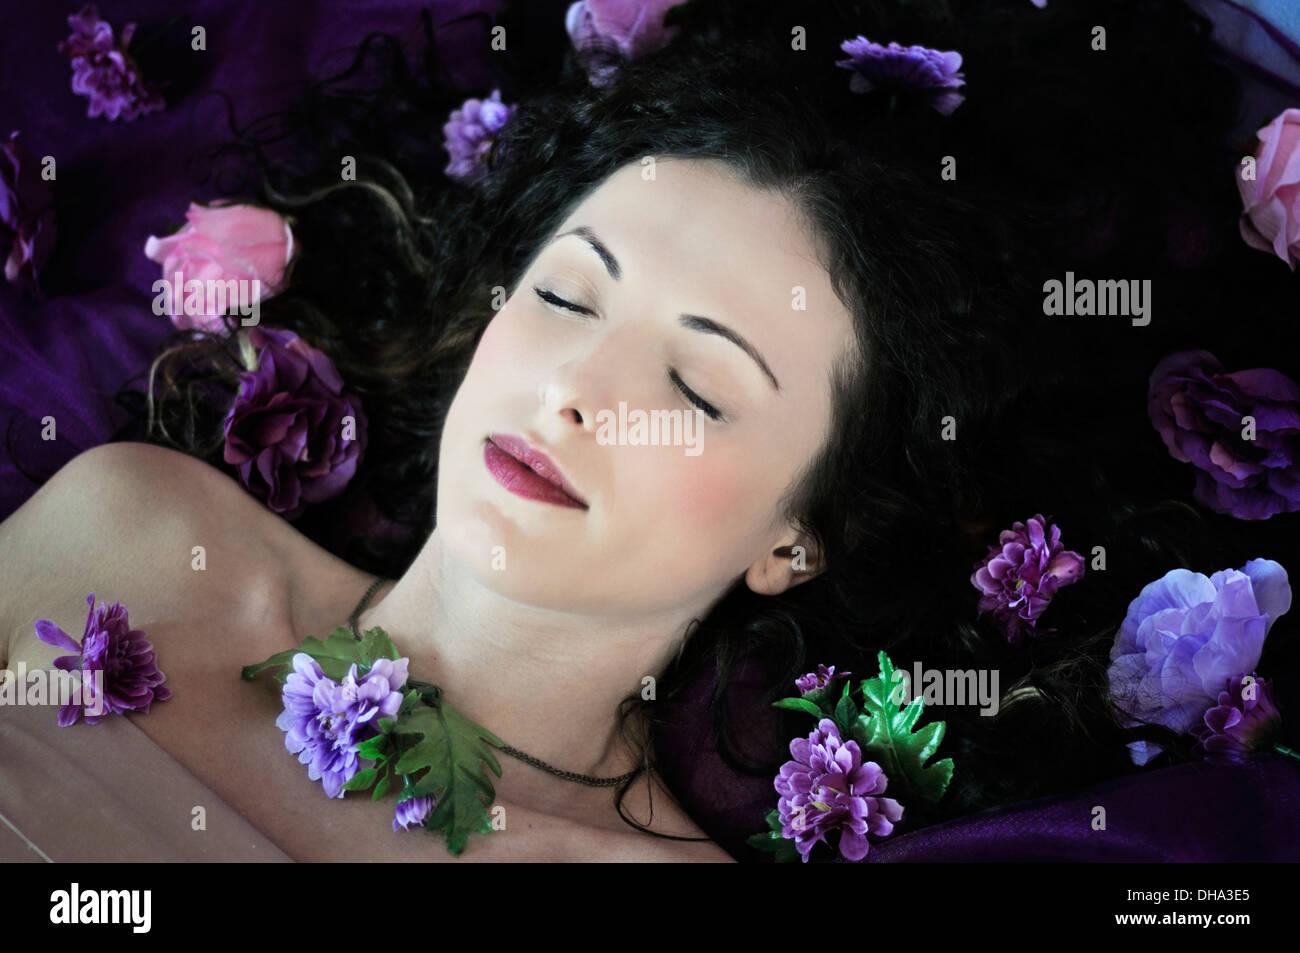 La bella durmiente Imagen De Stock